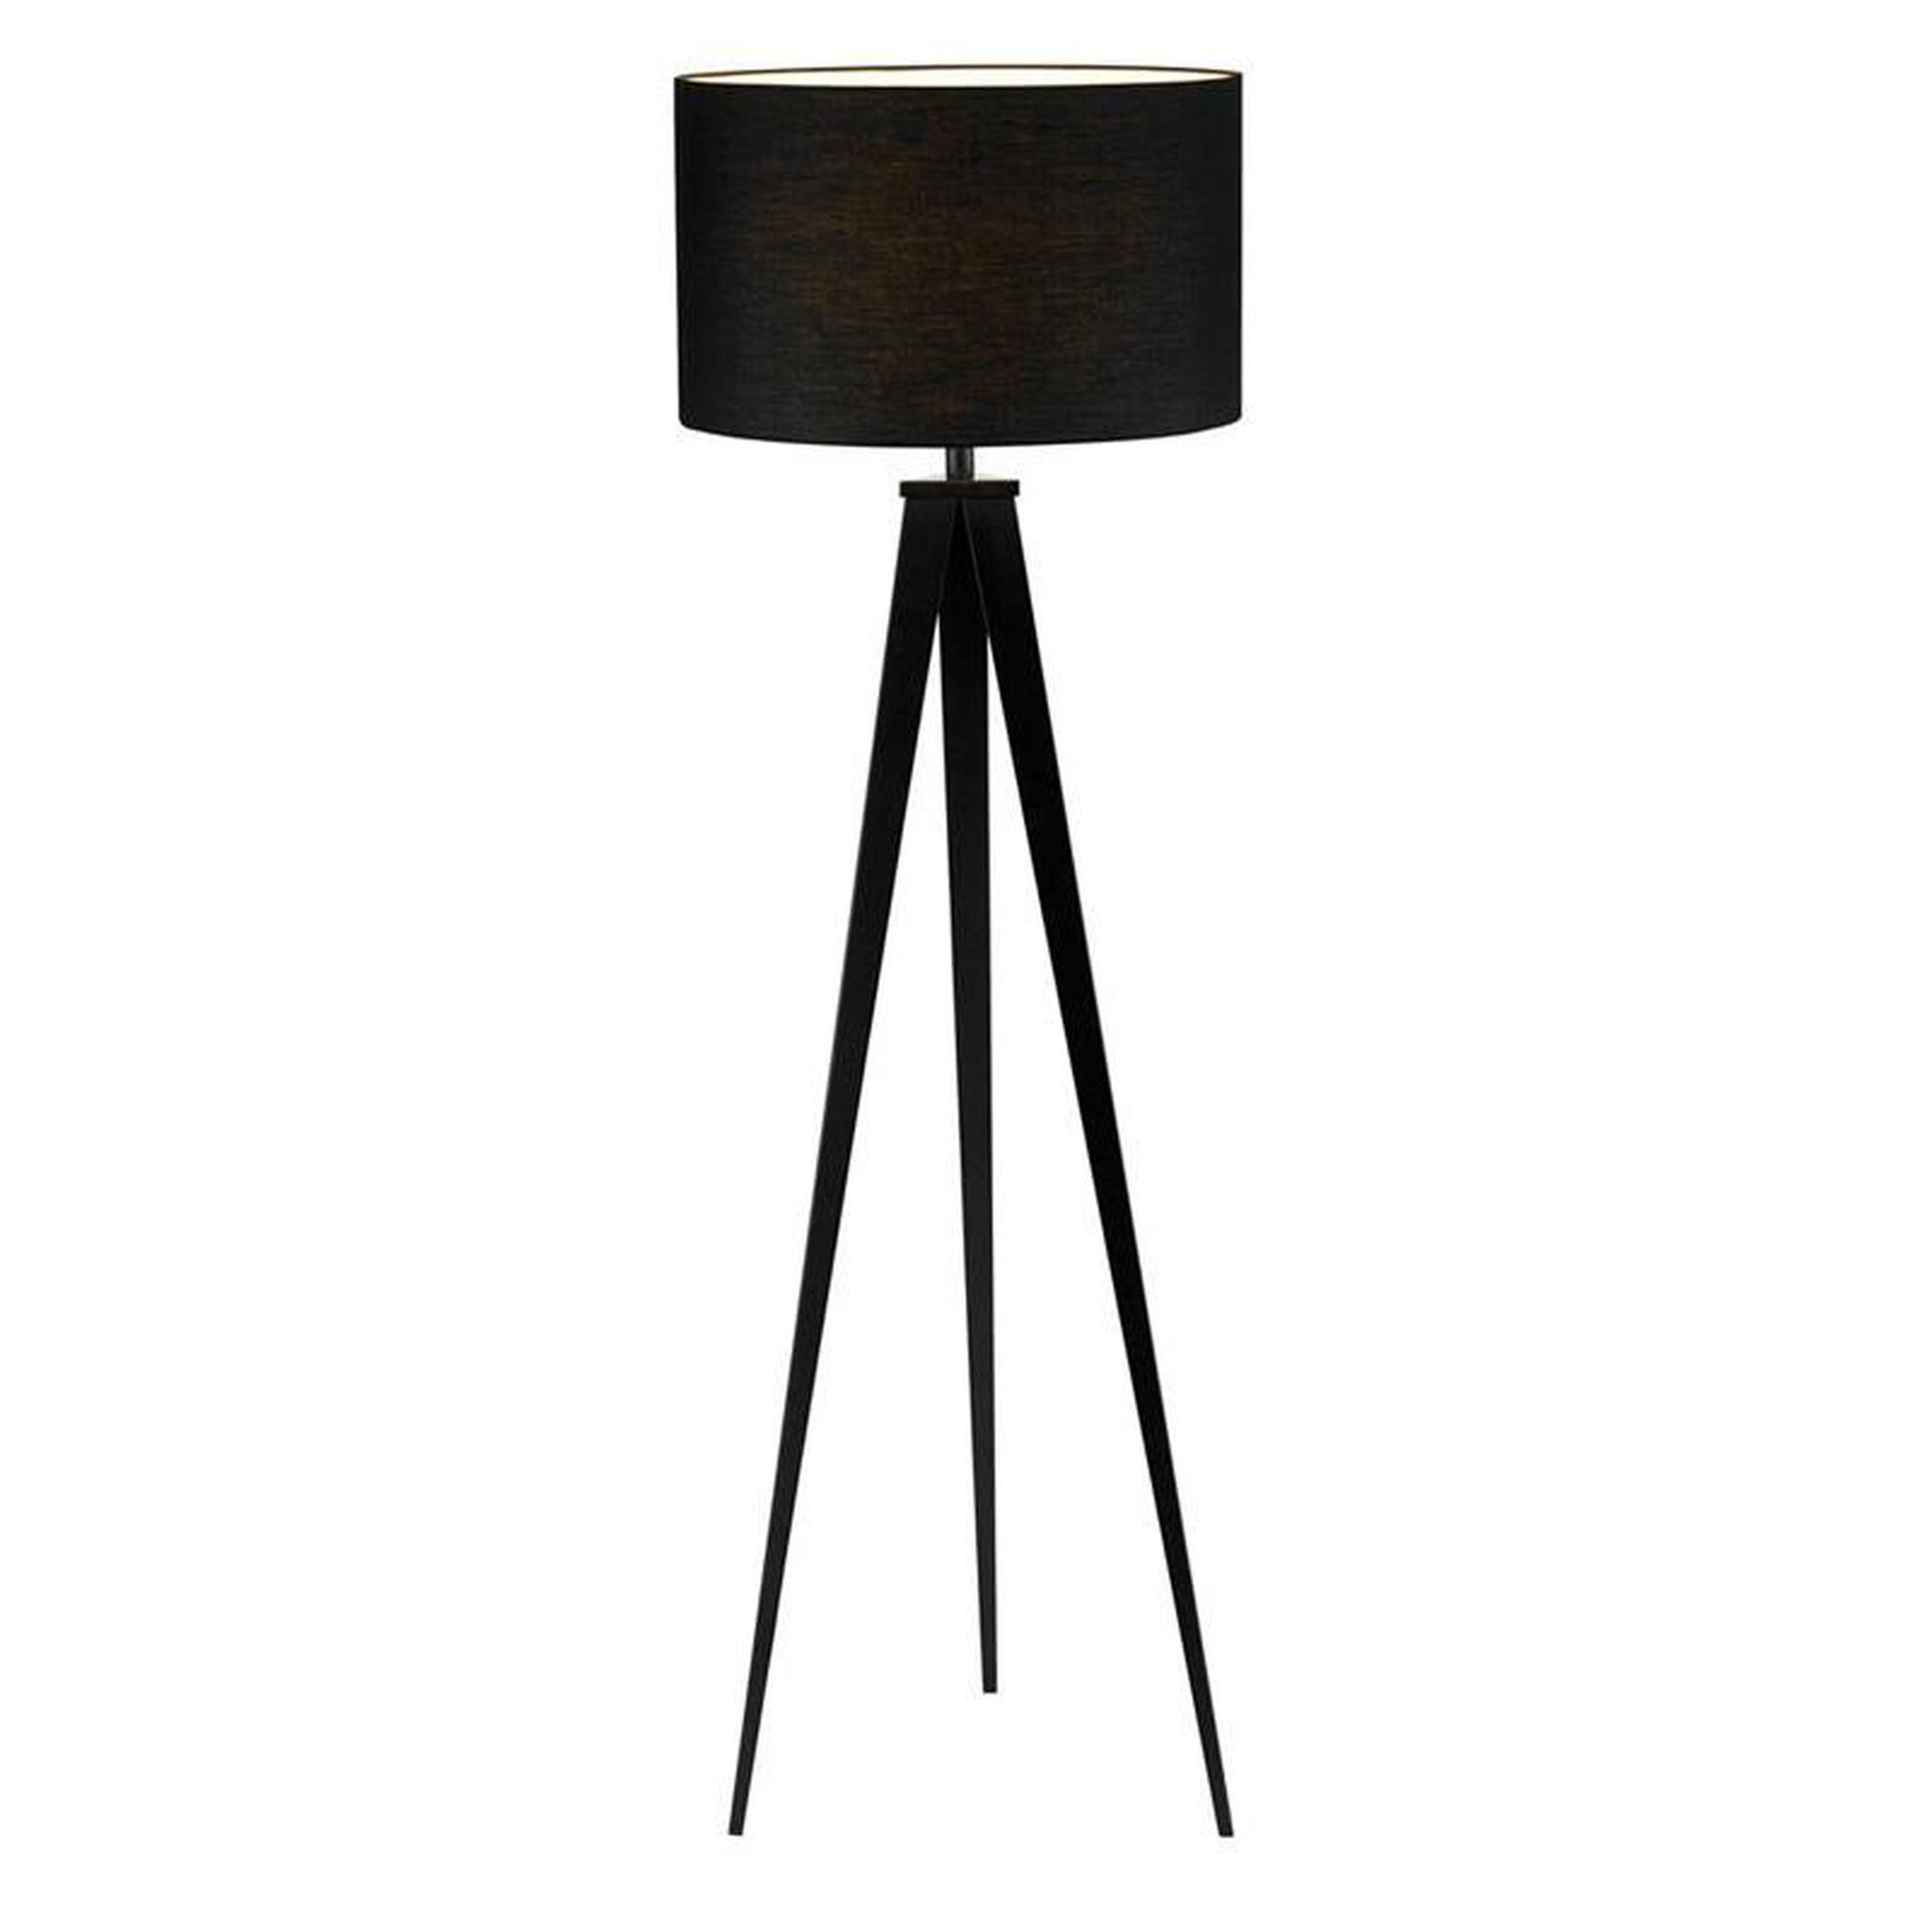 Adesso Director Floor Lamp 6424 01 Bizchair Com